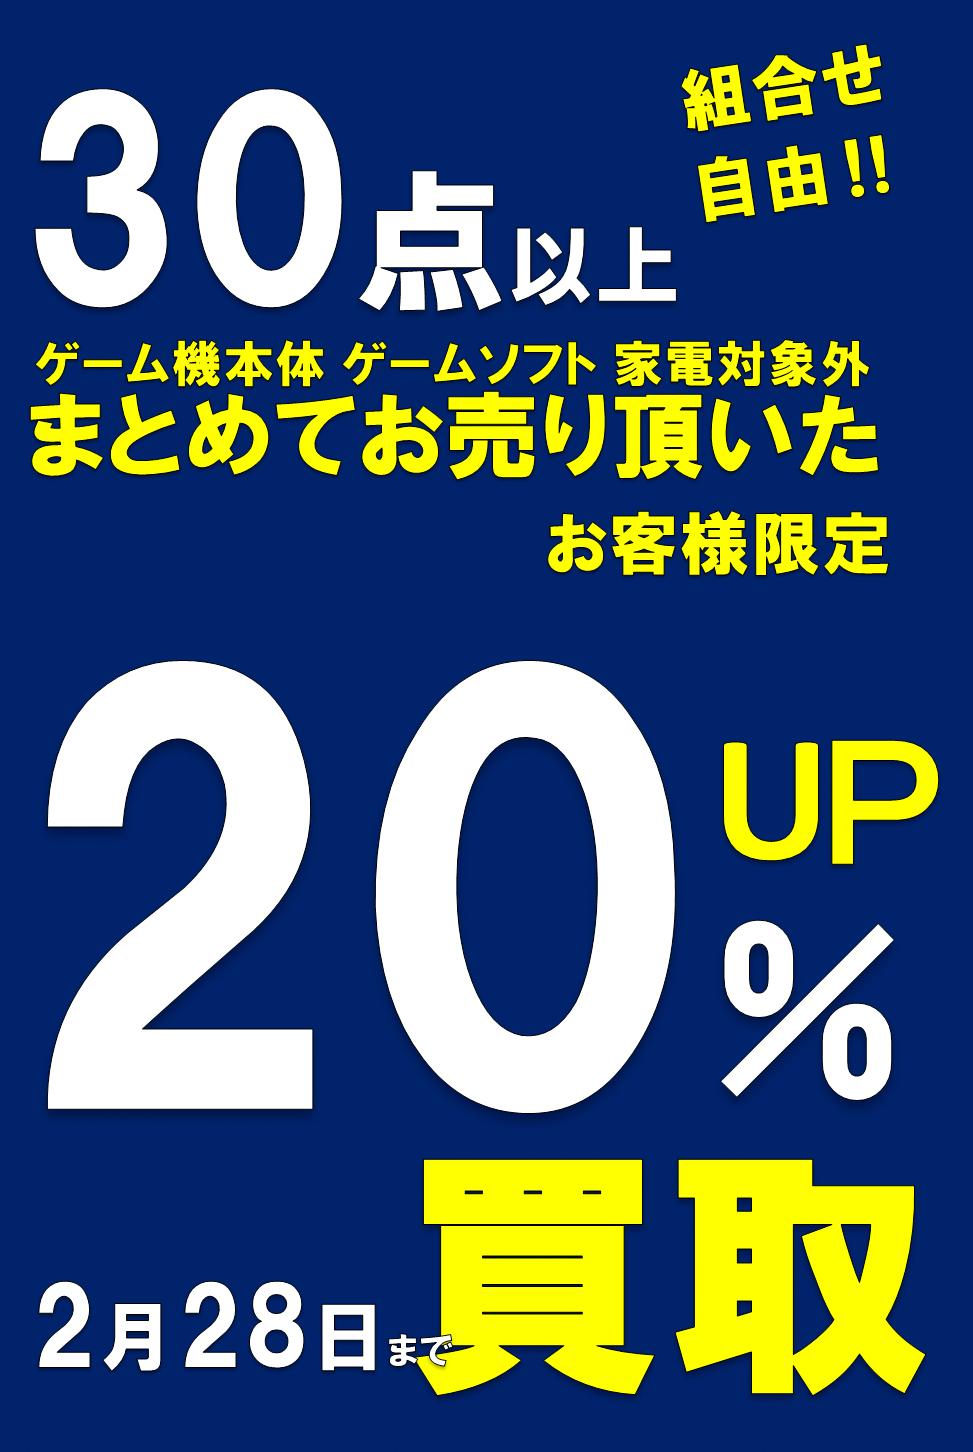 【ブックオフ】買取アップキャンペーン(2月28日まで)